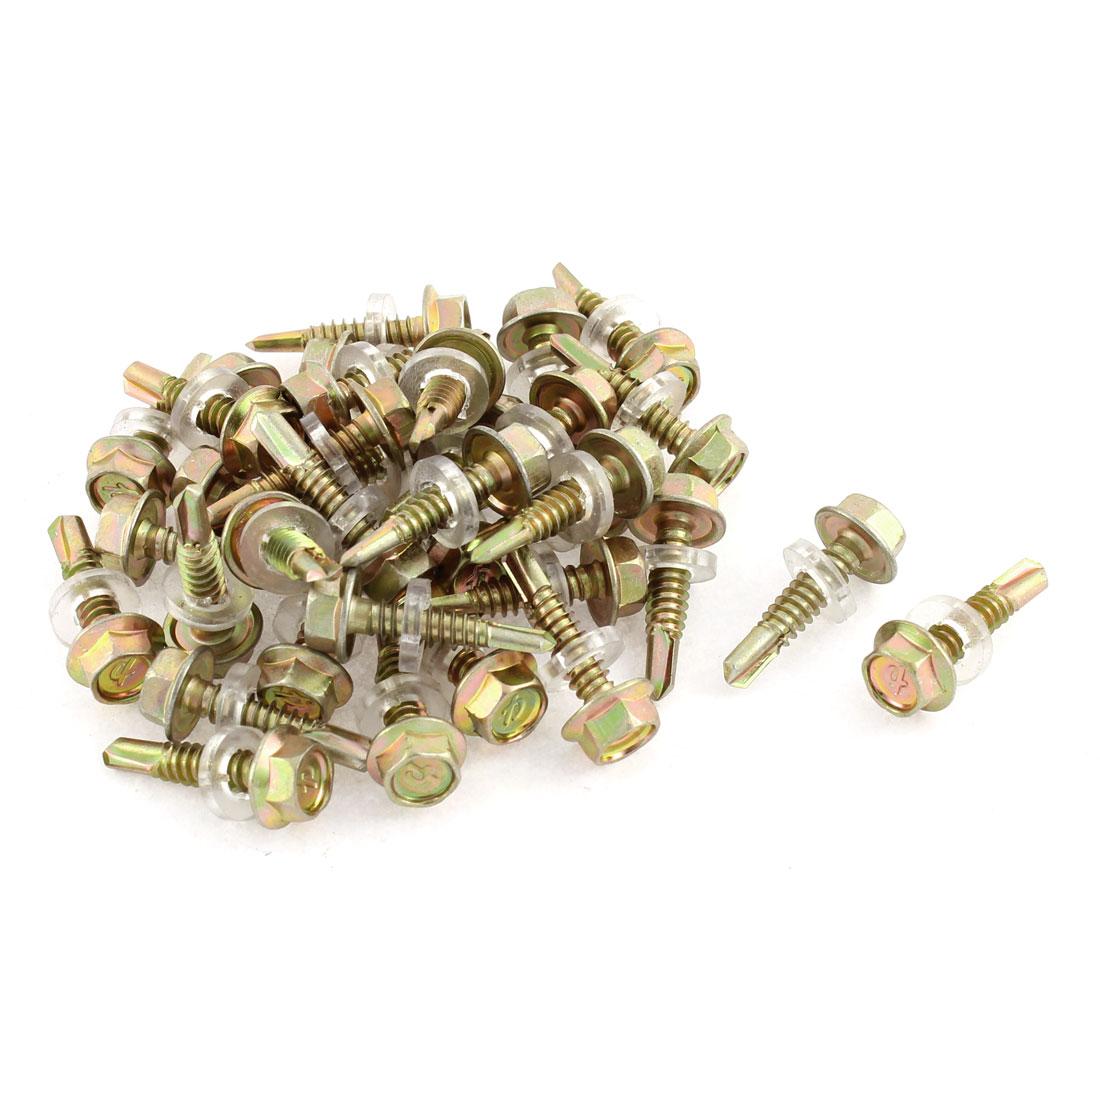 """35pcs 5/16"""" Hex Head 5mmx12mm Thread Self Drilling Tapping Screw Bronze Tone"""